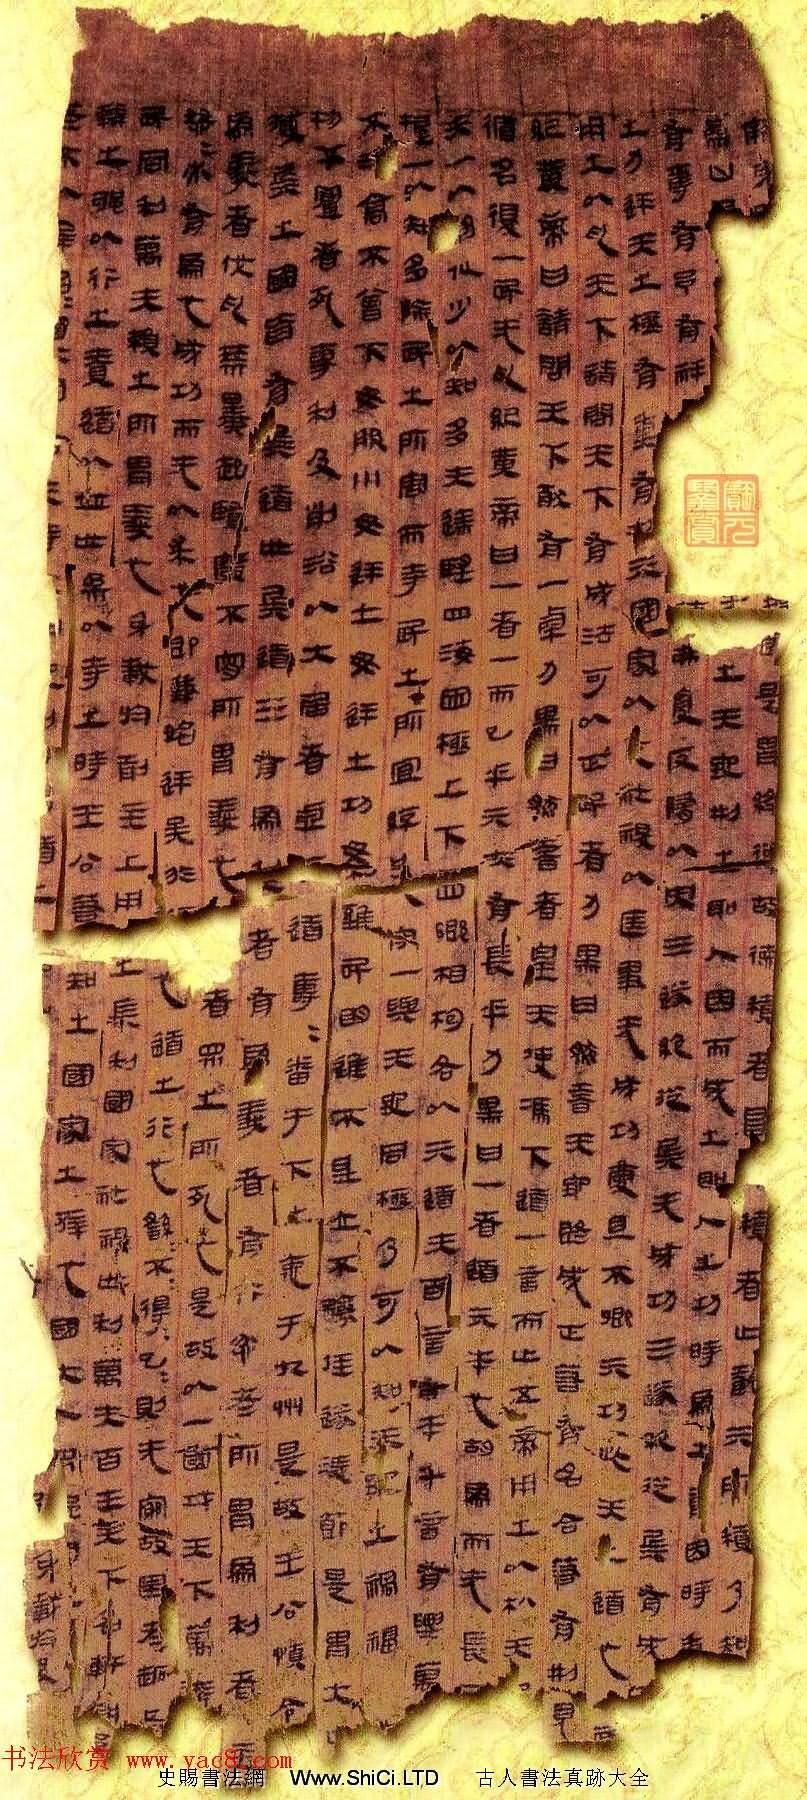 漢帛書《黃帝書》珠絲欄墨書抄寫(共9張圖片)